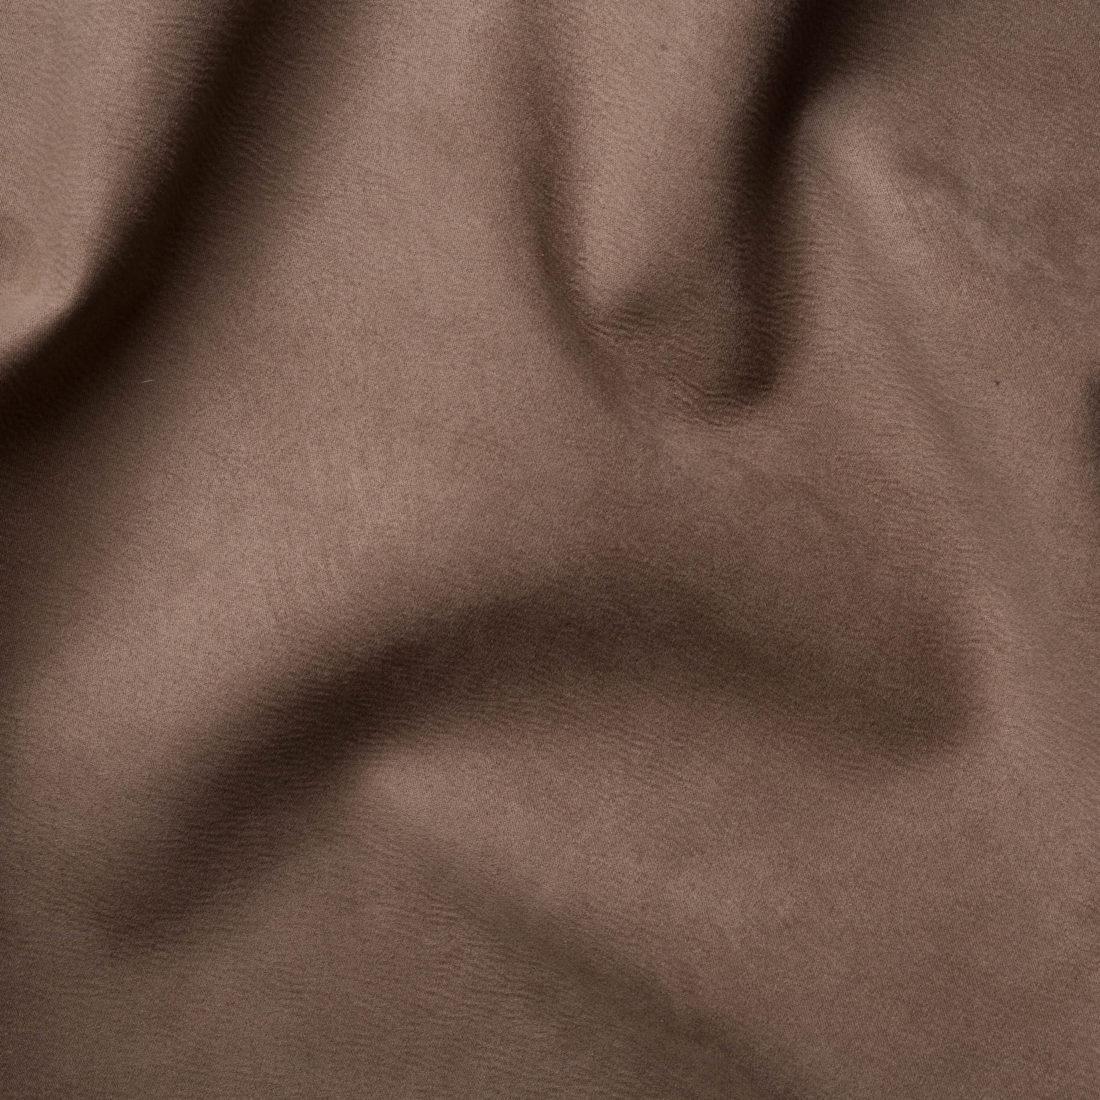 Мебельная ткань Diva 107 Elephant, искусственная замша